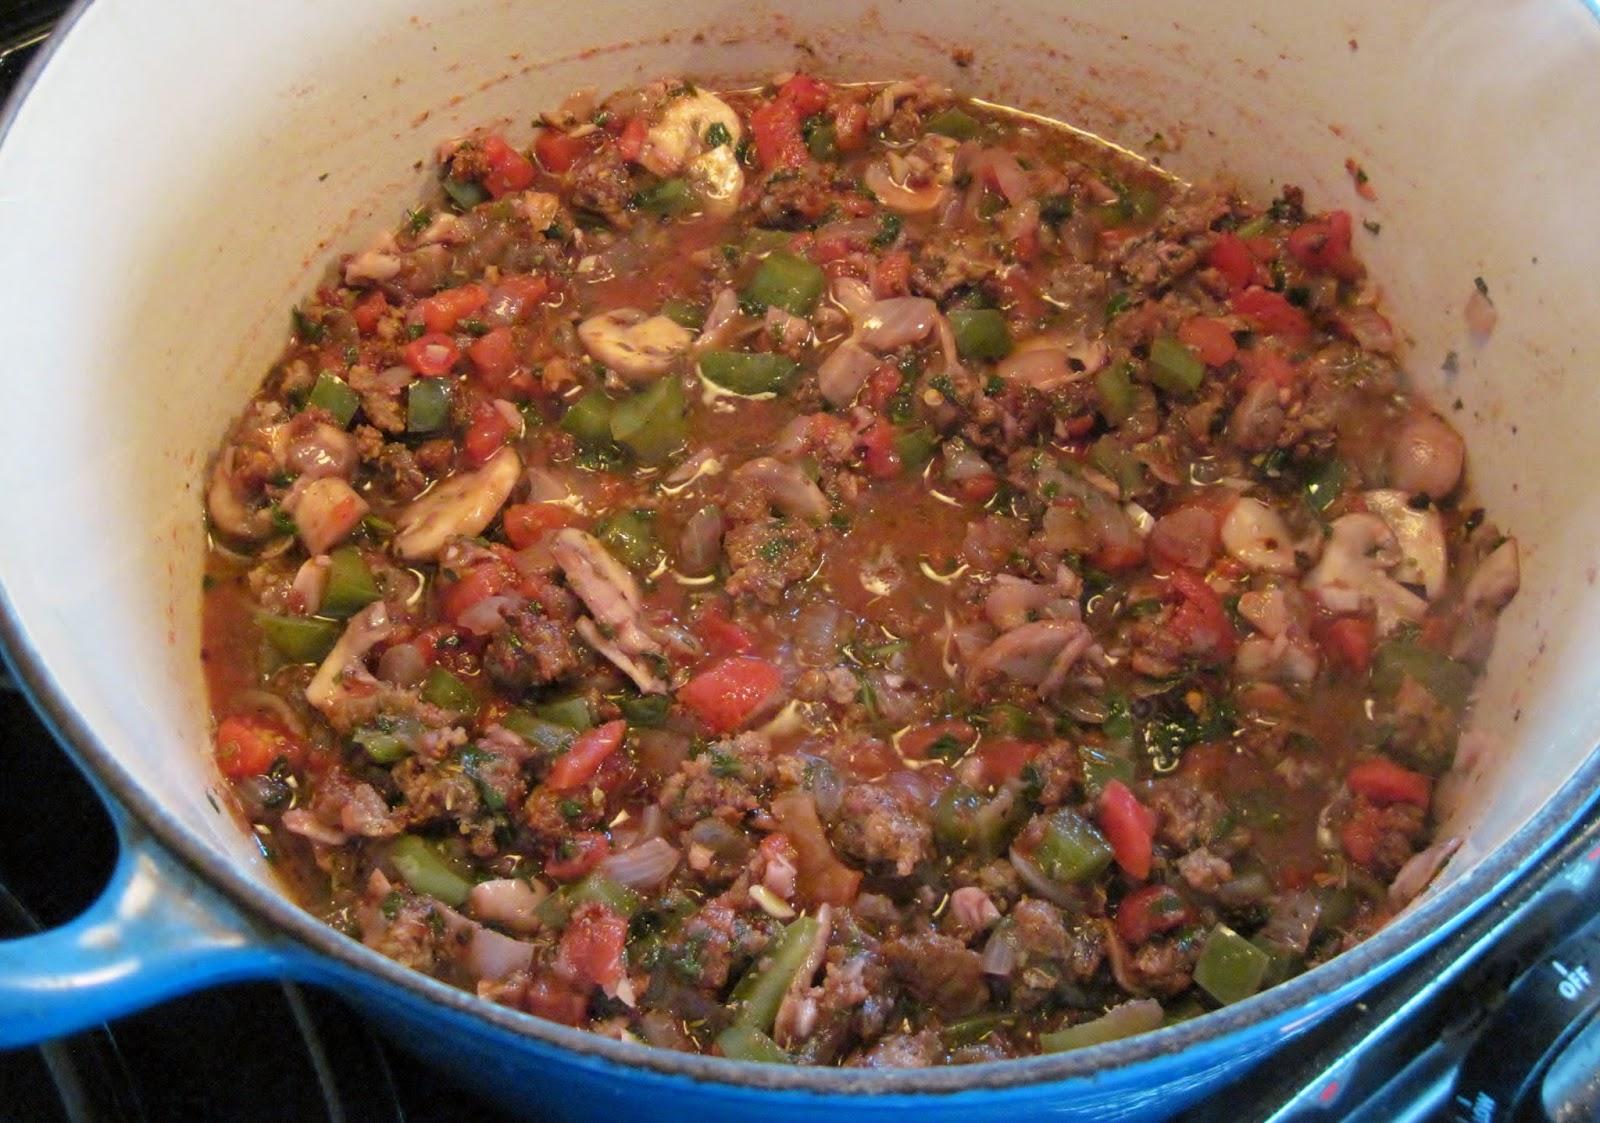 Recipe for Italian sausage casserole